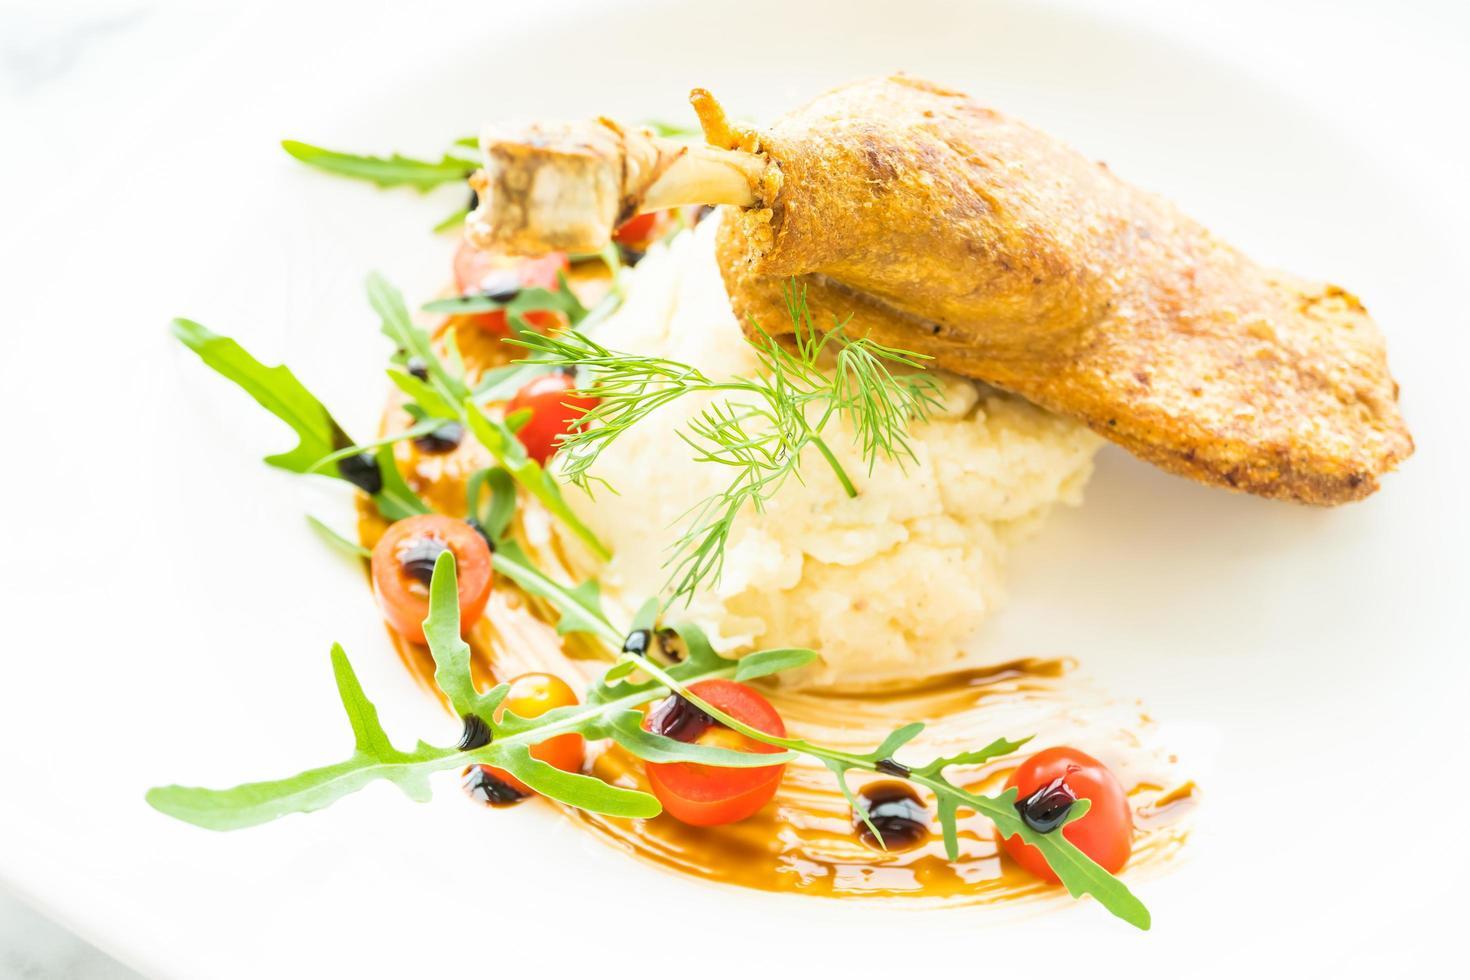 cuisse de canard frite avec salade de pommes de terre photo